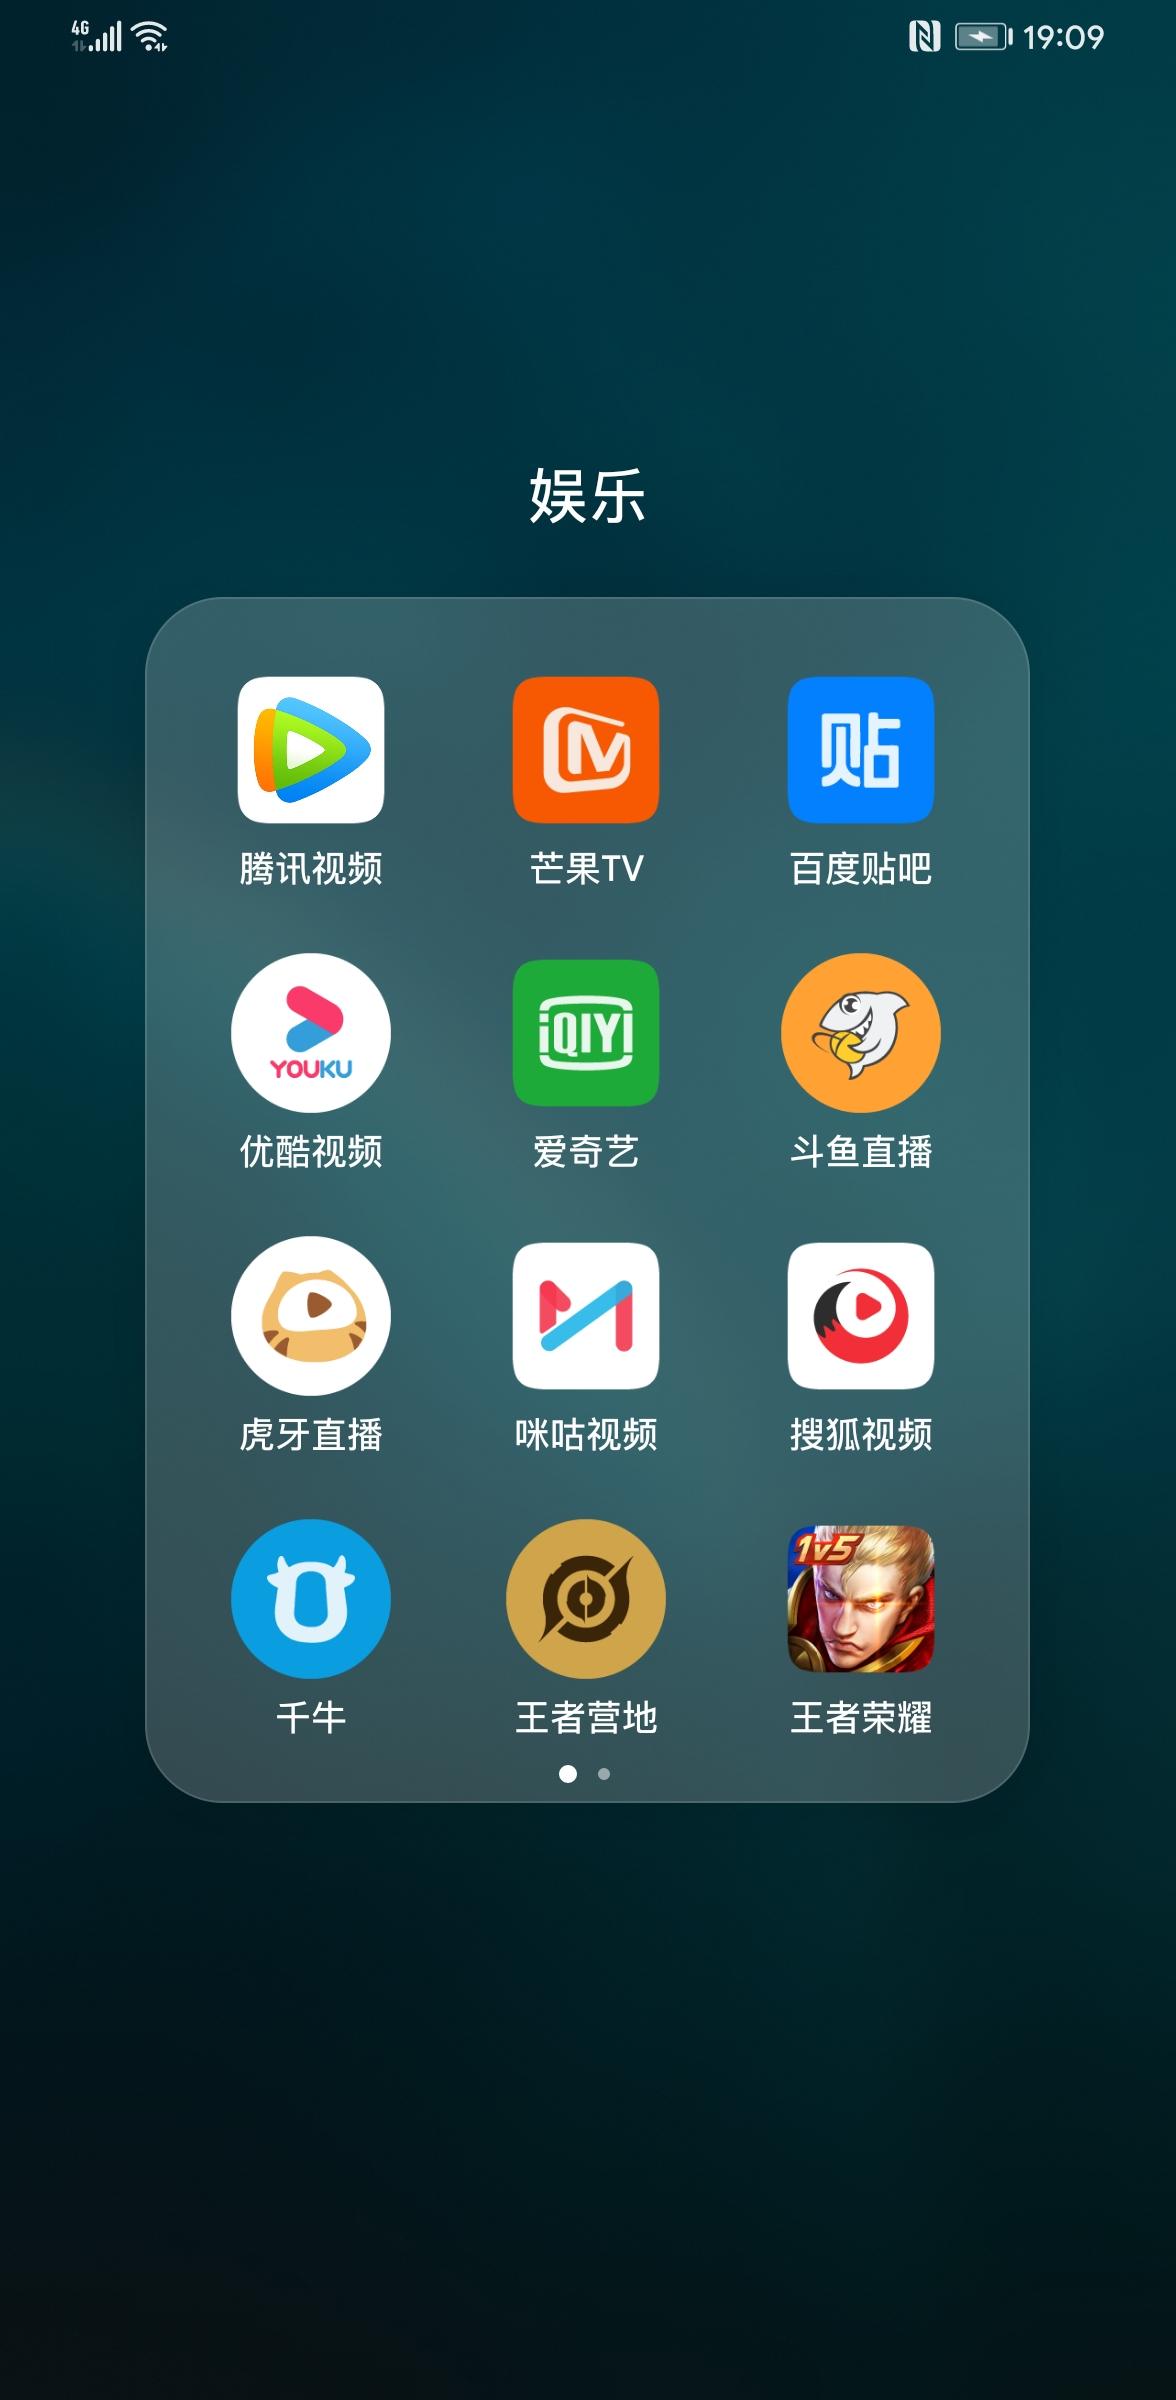 Screenshot_20191204_190944_com.huawei.android.launcher.jpg